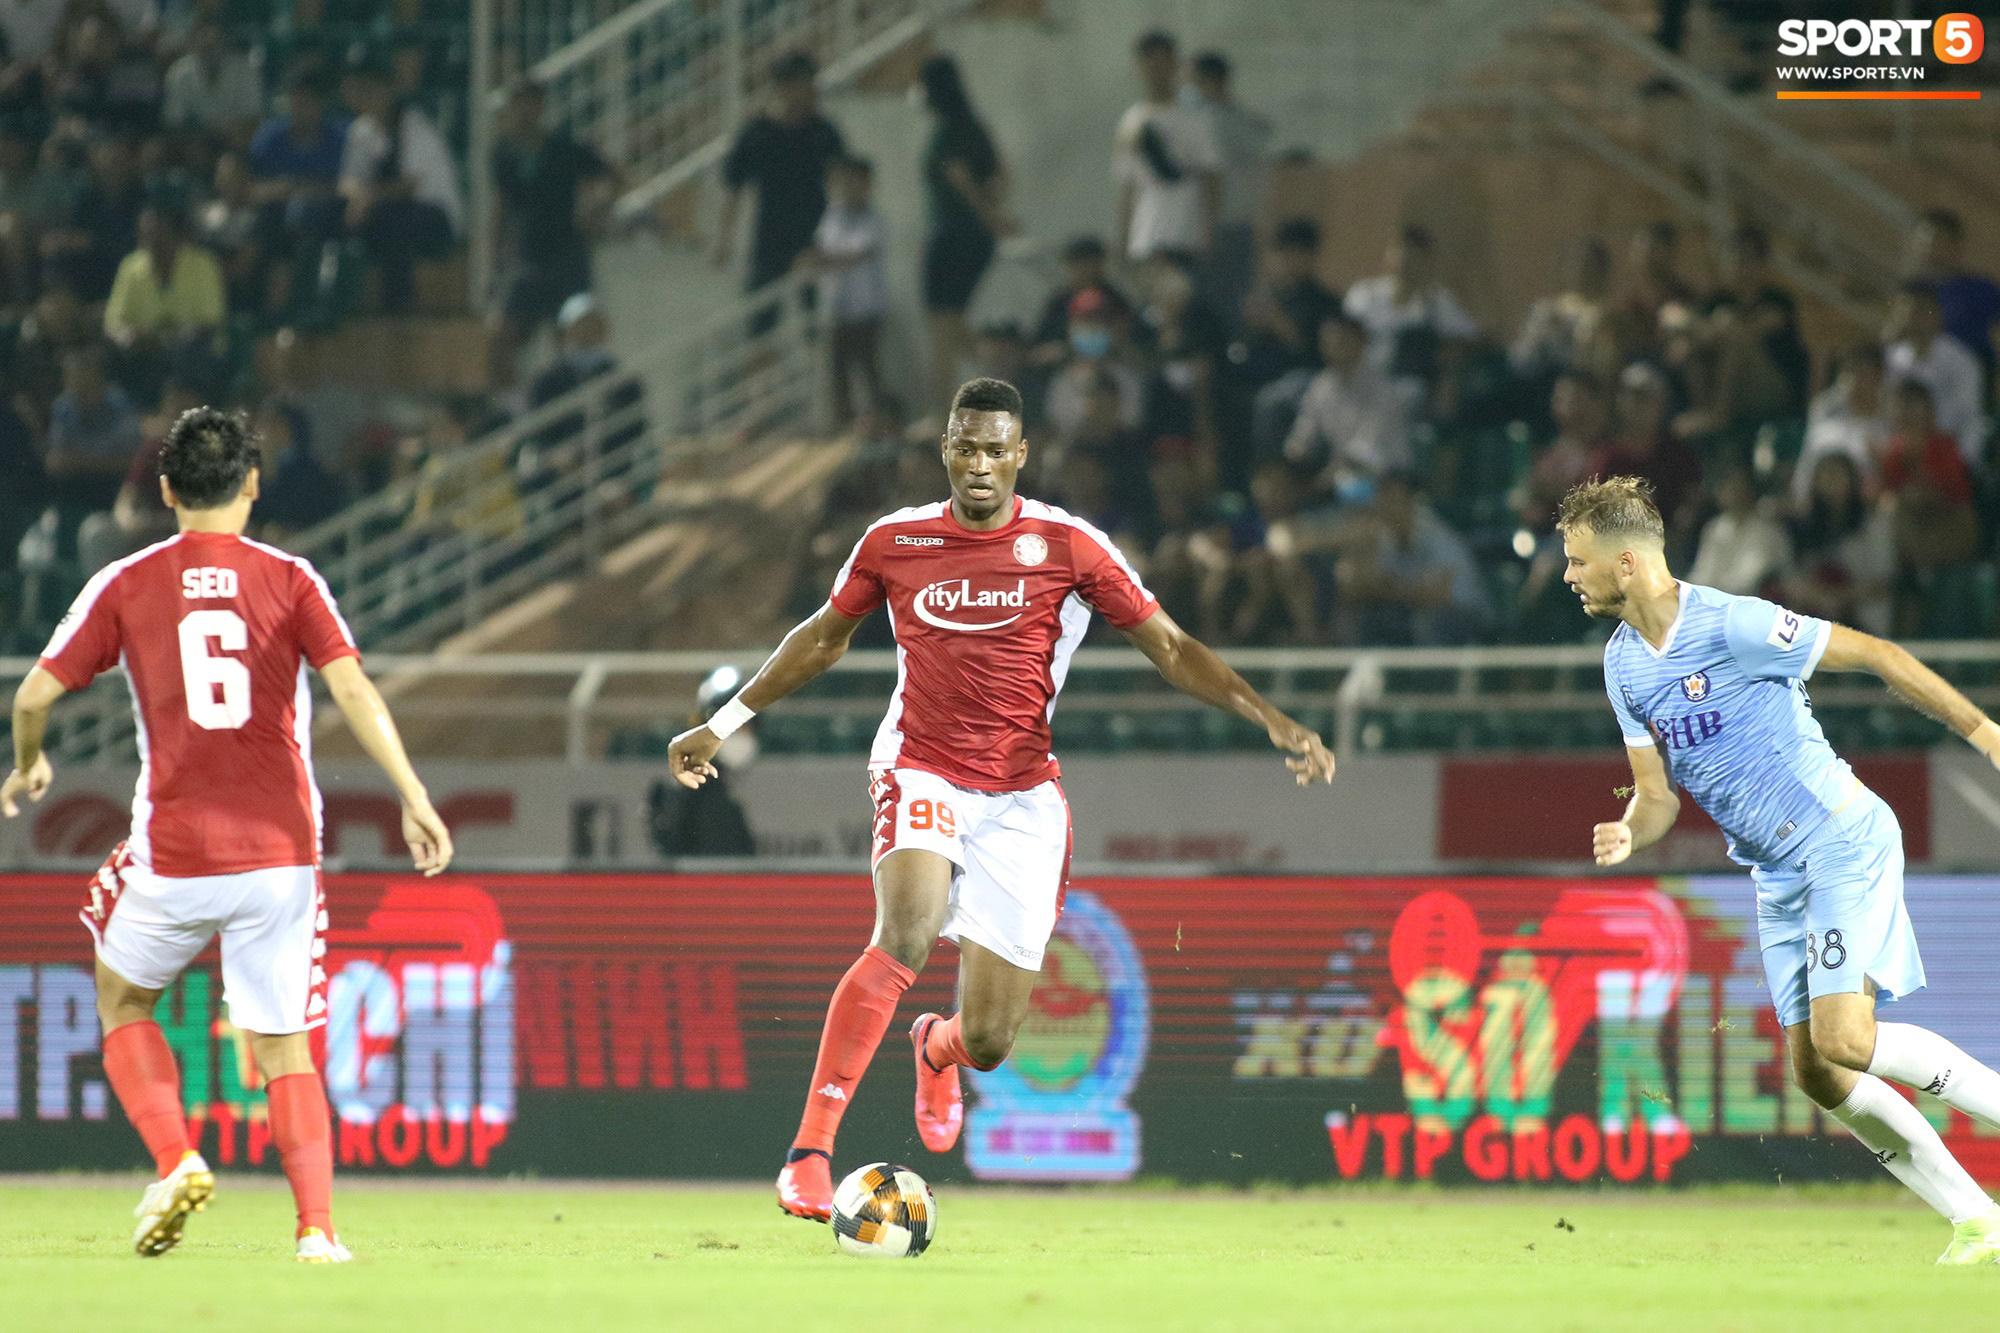 Thót tim với tình huống cựu tuyển thủ U23 Việt Nam nằm gục xuống sân ngay khi được thay ra - Ảnh 9.